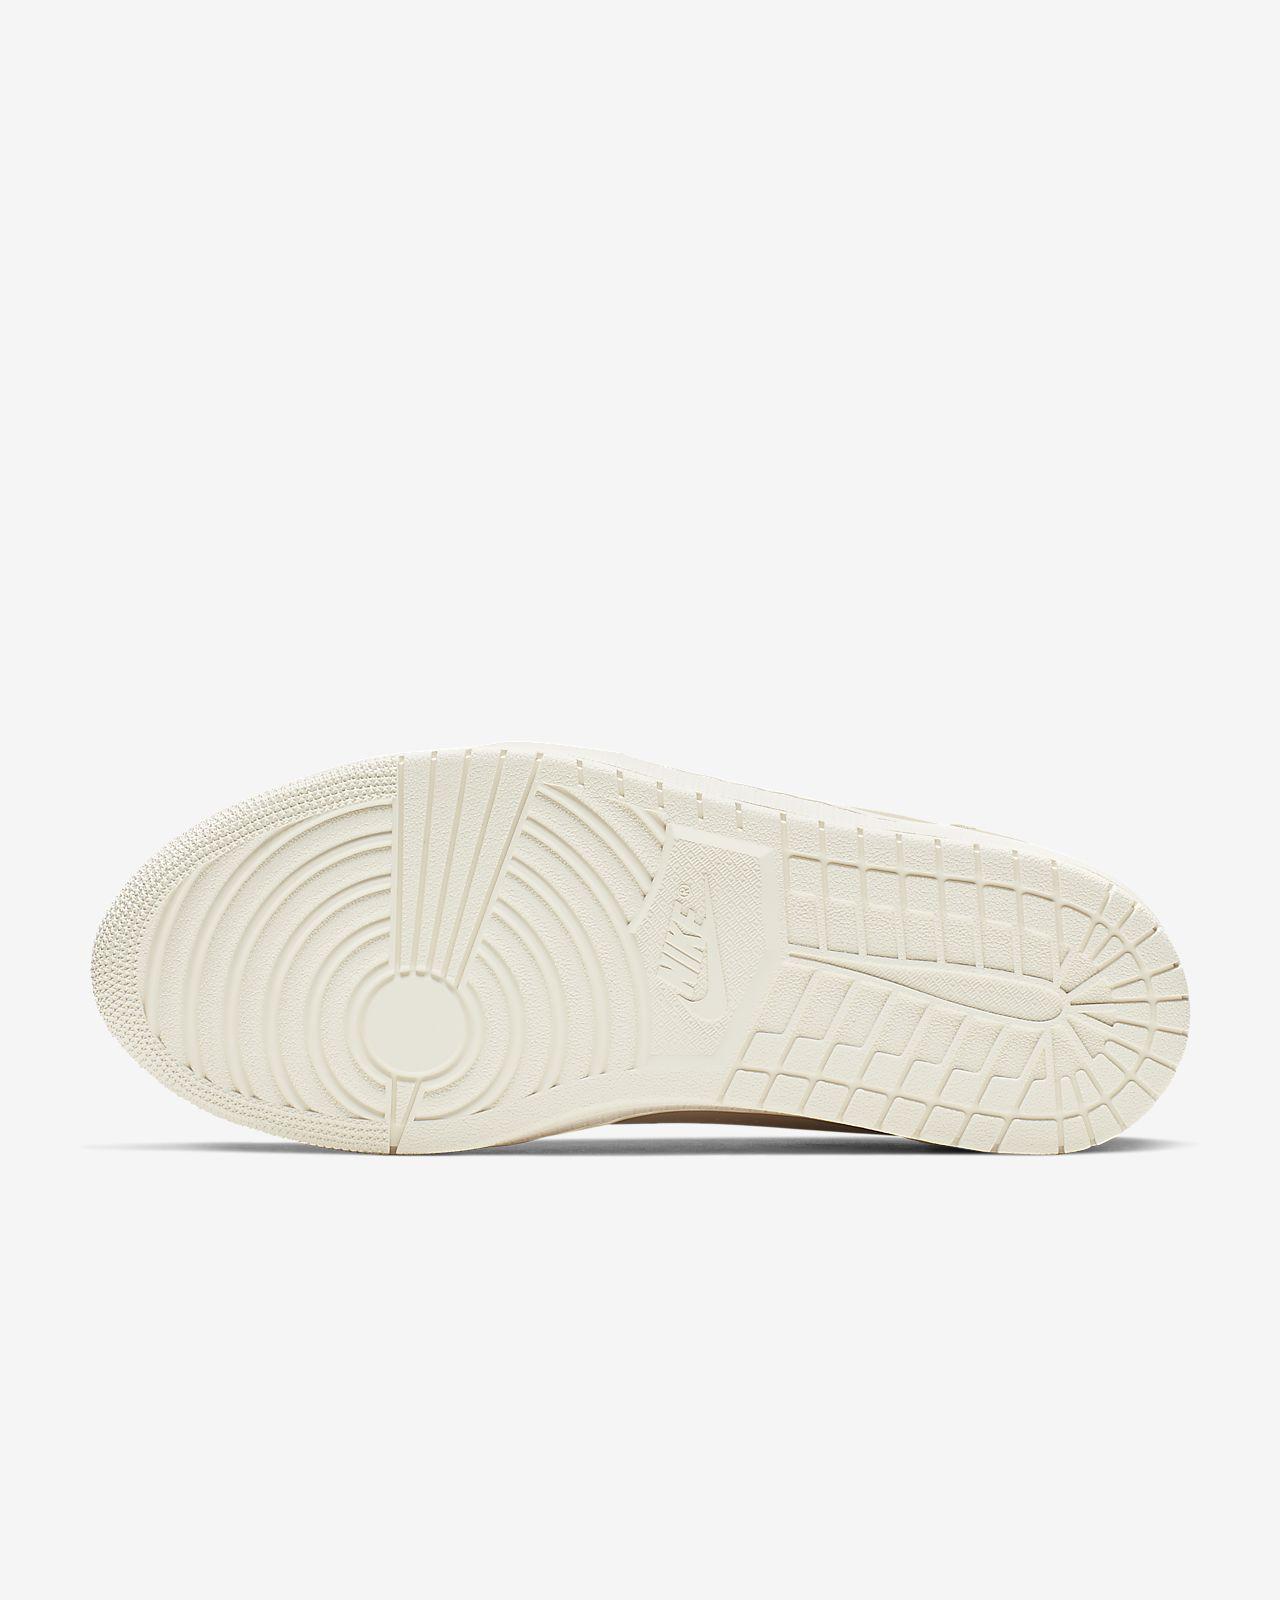 dc9fbfe2da57e5 Air Jordan 1 Retro Low Slip Women s Shoe. Nike.com CA